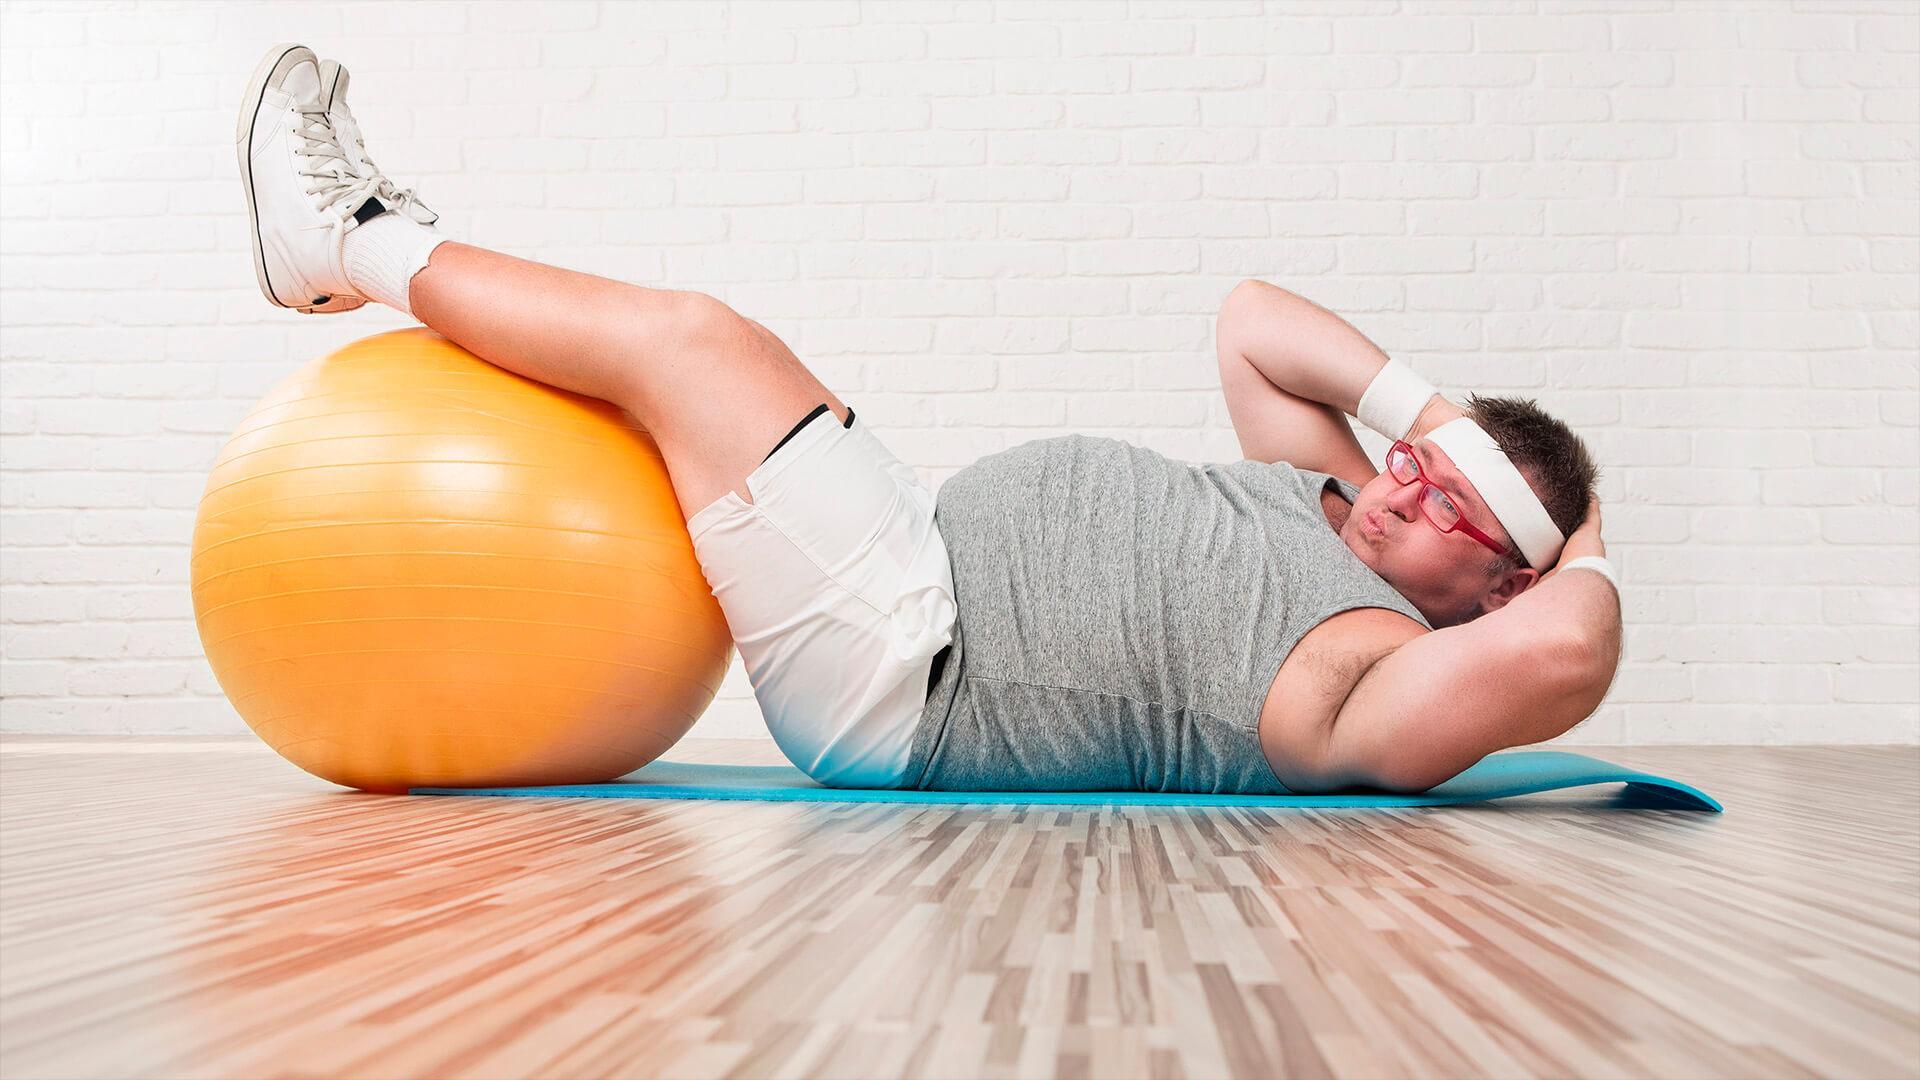 Хотите похудеть - не залеживайтесь: чем больше физической активности – тем активнее уходит вес.